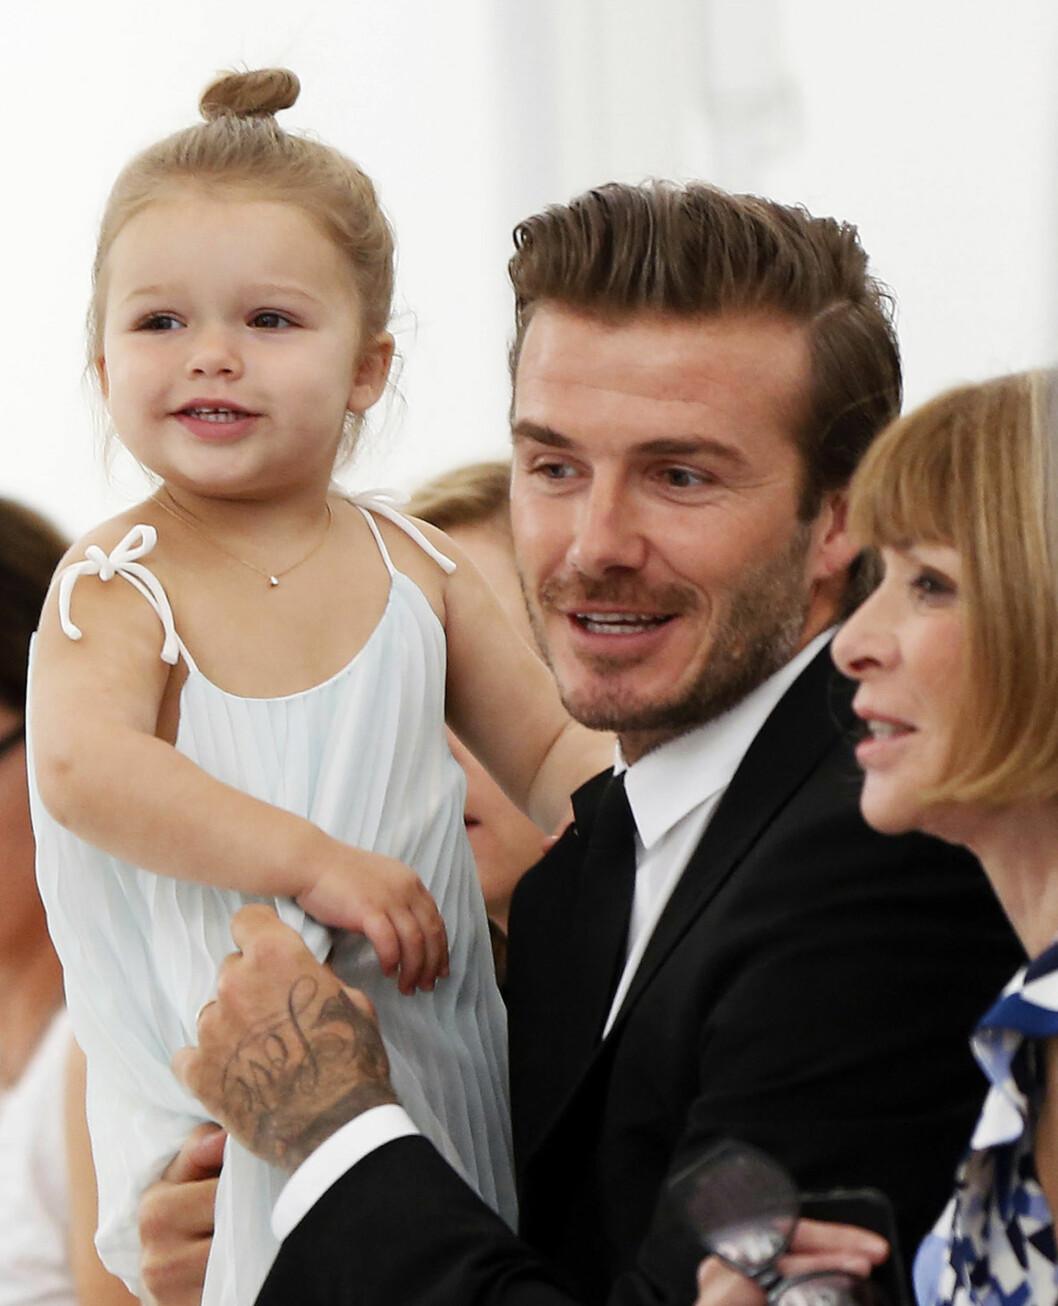 PÅ FØRSTE RAD: David Beckham med datteren Harper Beckham på moteevent. Foto: NTB Scanpix